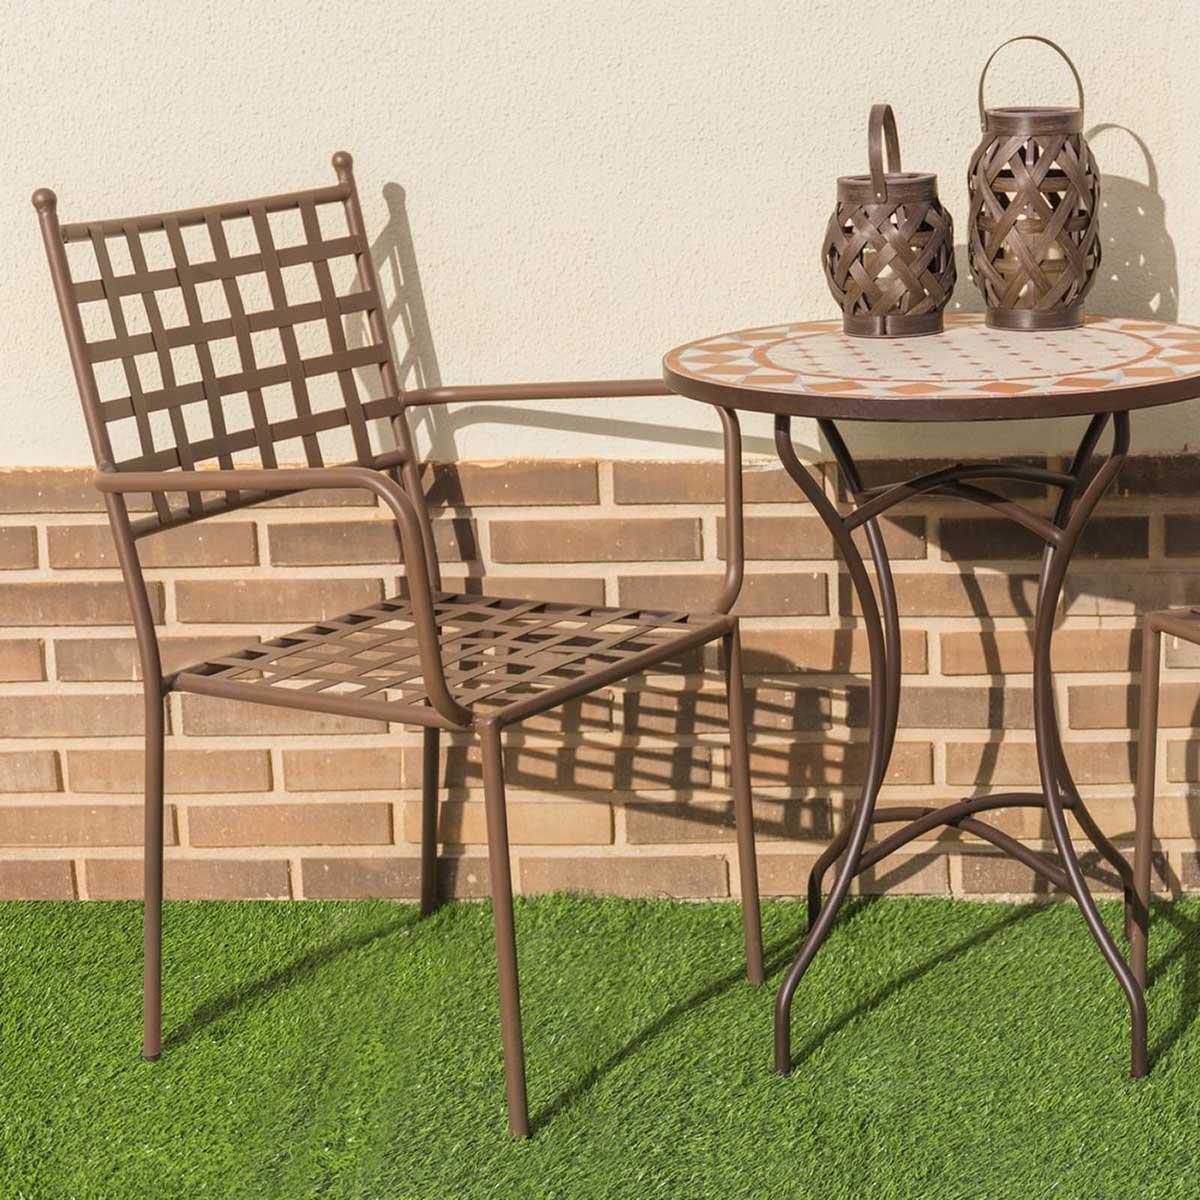 Lot de 4 chaises à accoudoirs en fer forgé - Oxydé - 56.00 cm x 55.00 cm x 90.00 cm